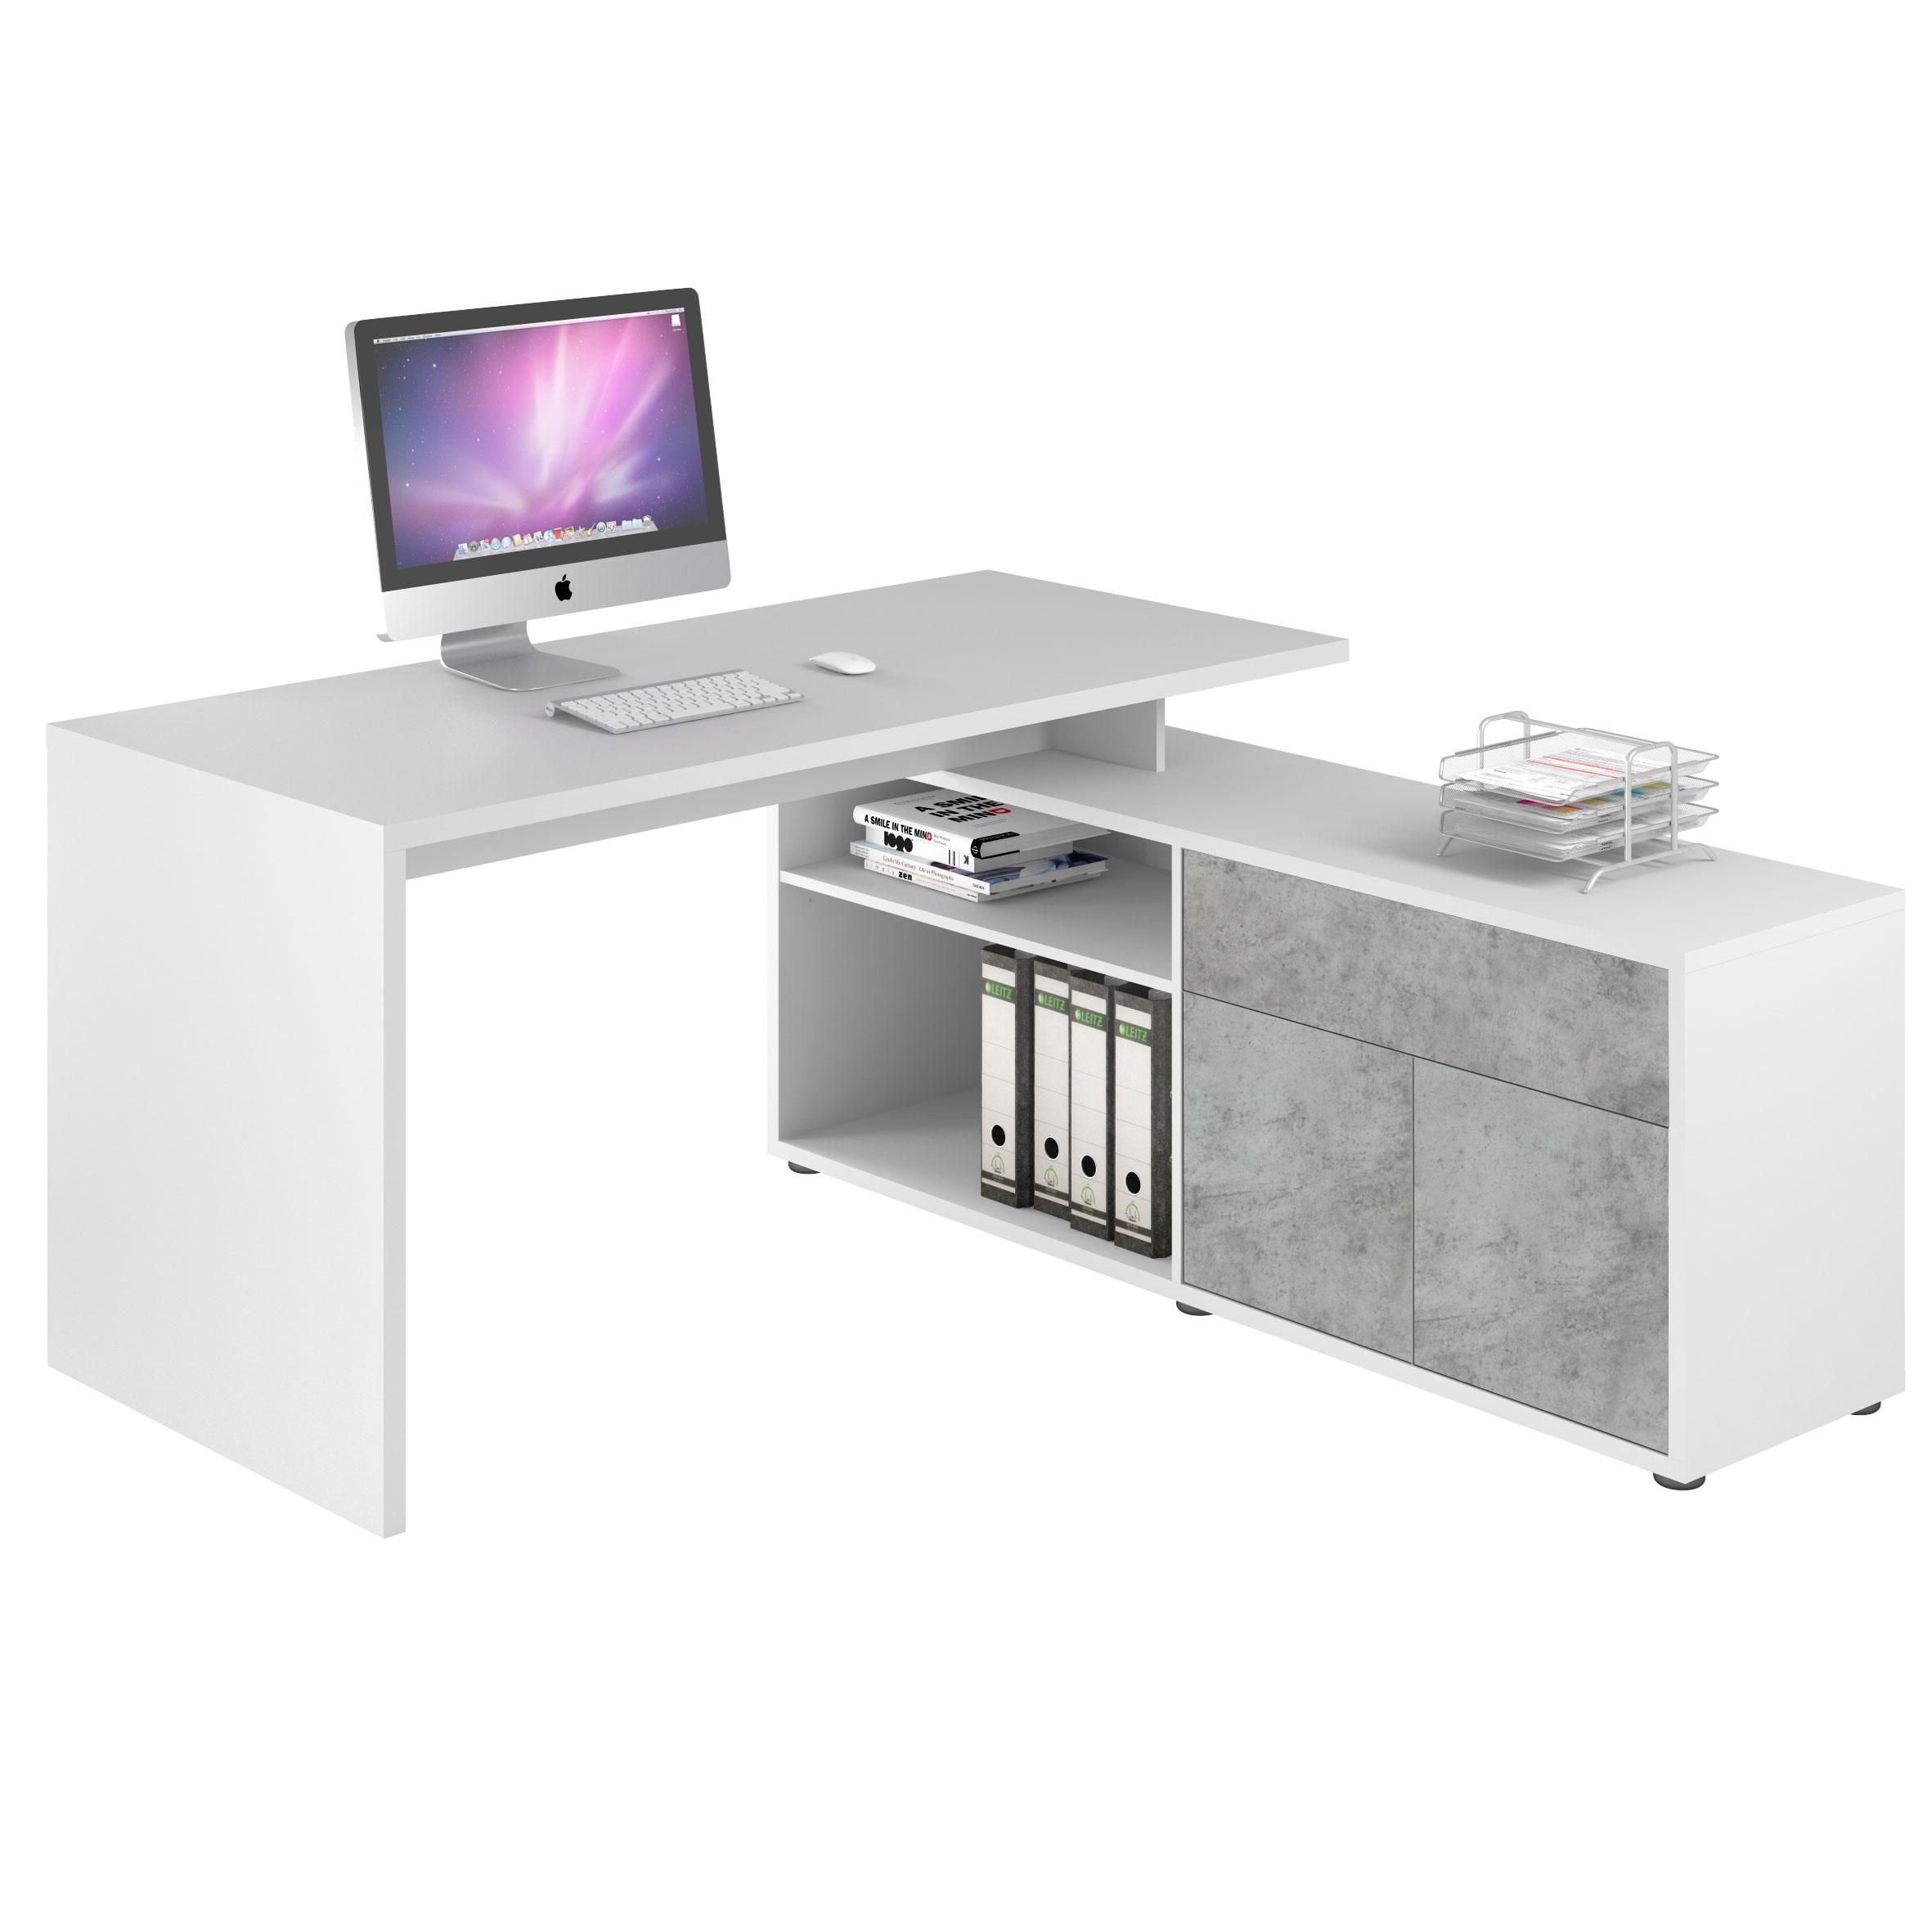 bureau d'angle contemporain coloris blanc/gris pierre azula | matelpro